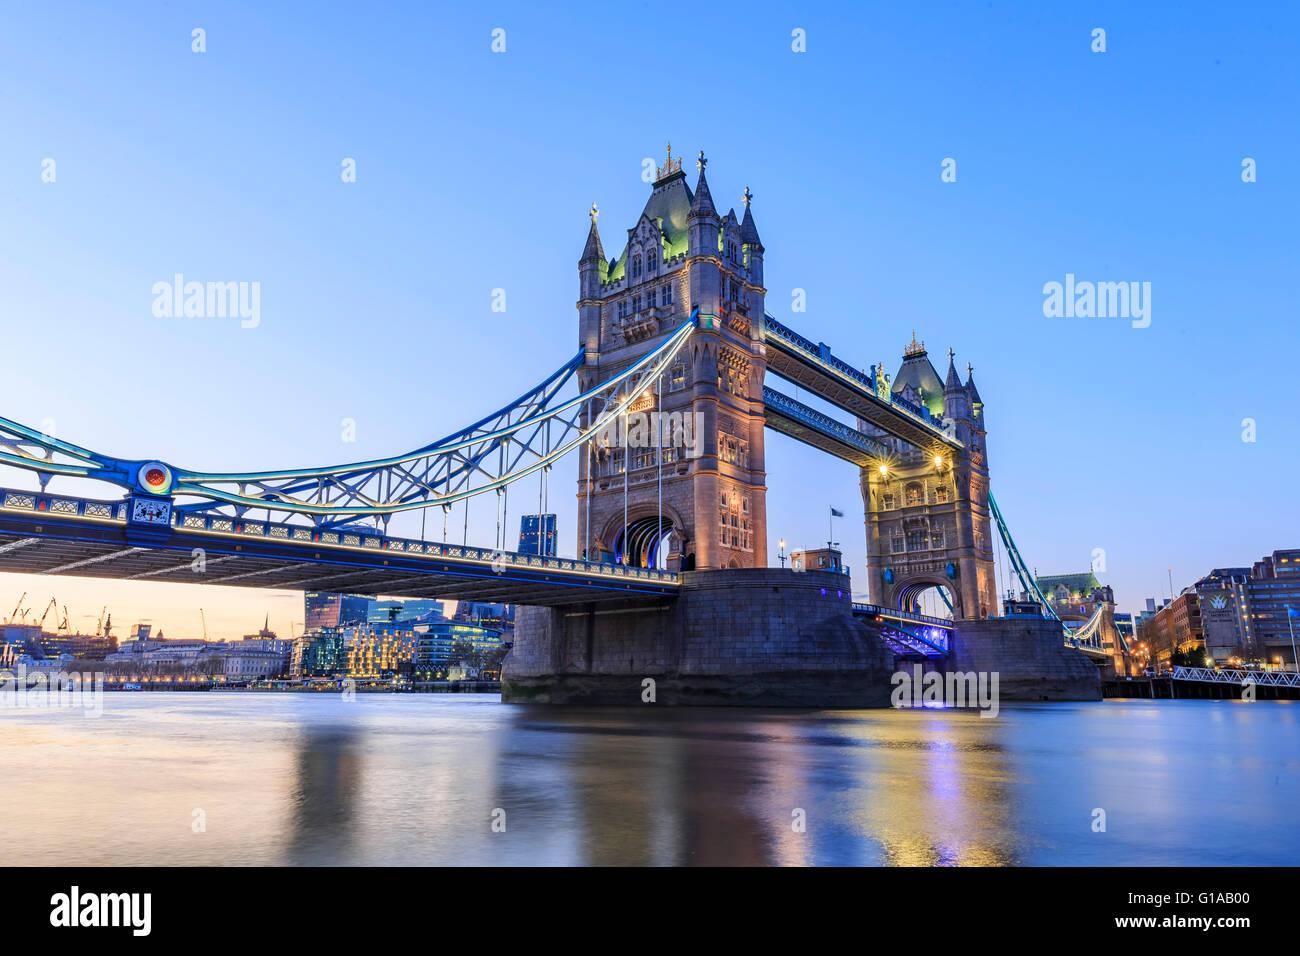 El famoso puente de la torre en Londres, Reino Unido Foto de stock